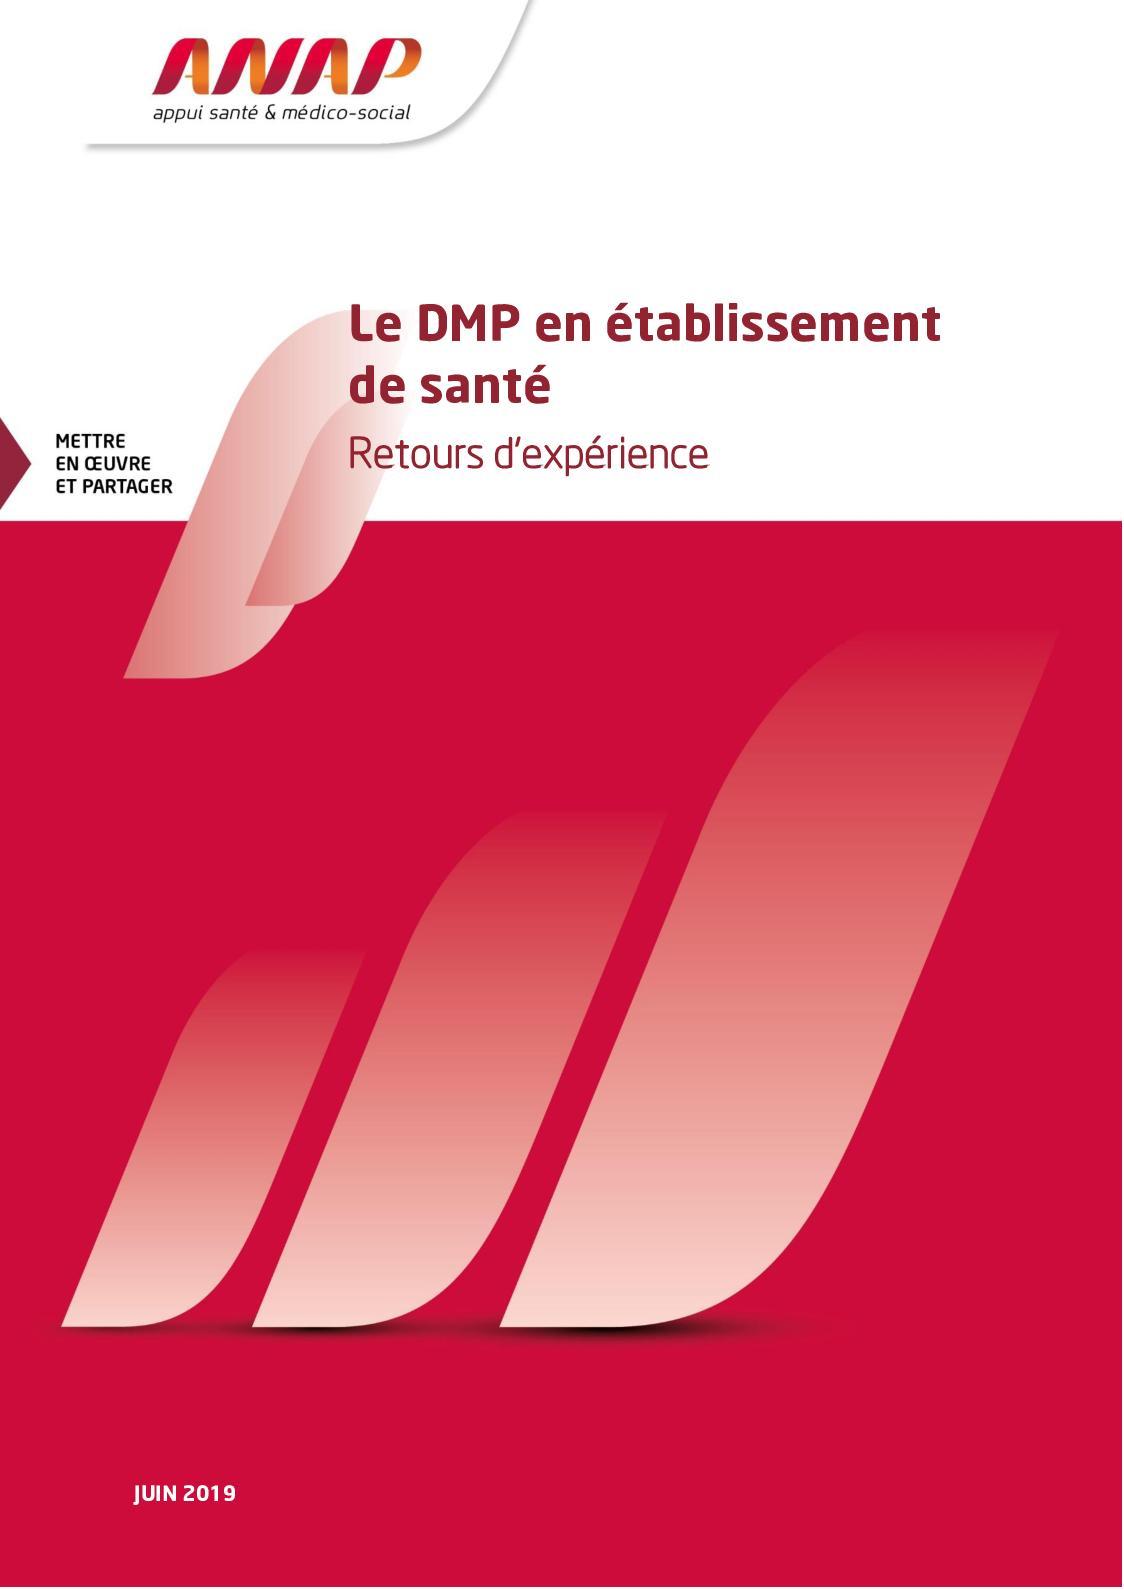 DMP_en_etablissement_de_sante_REX